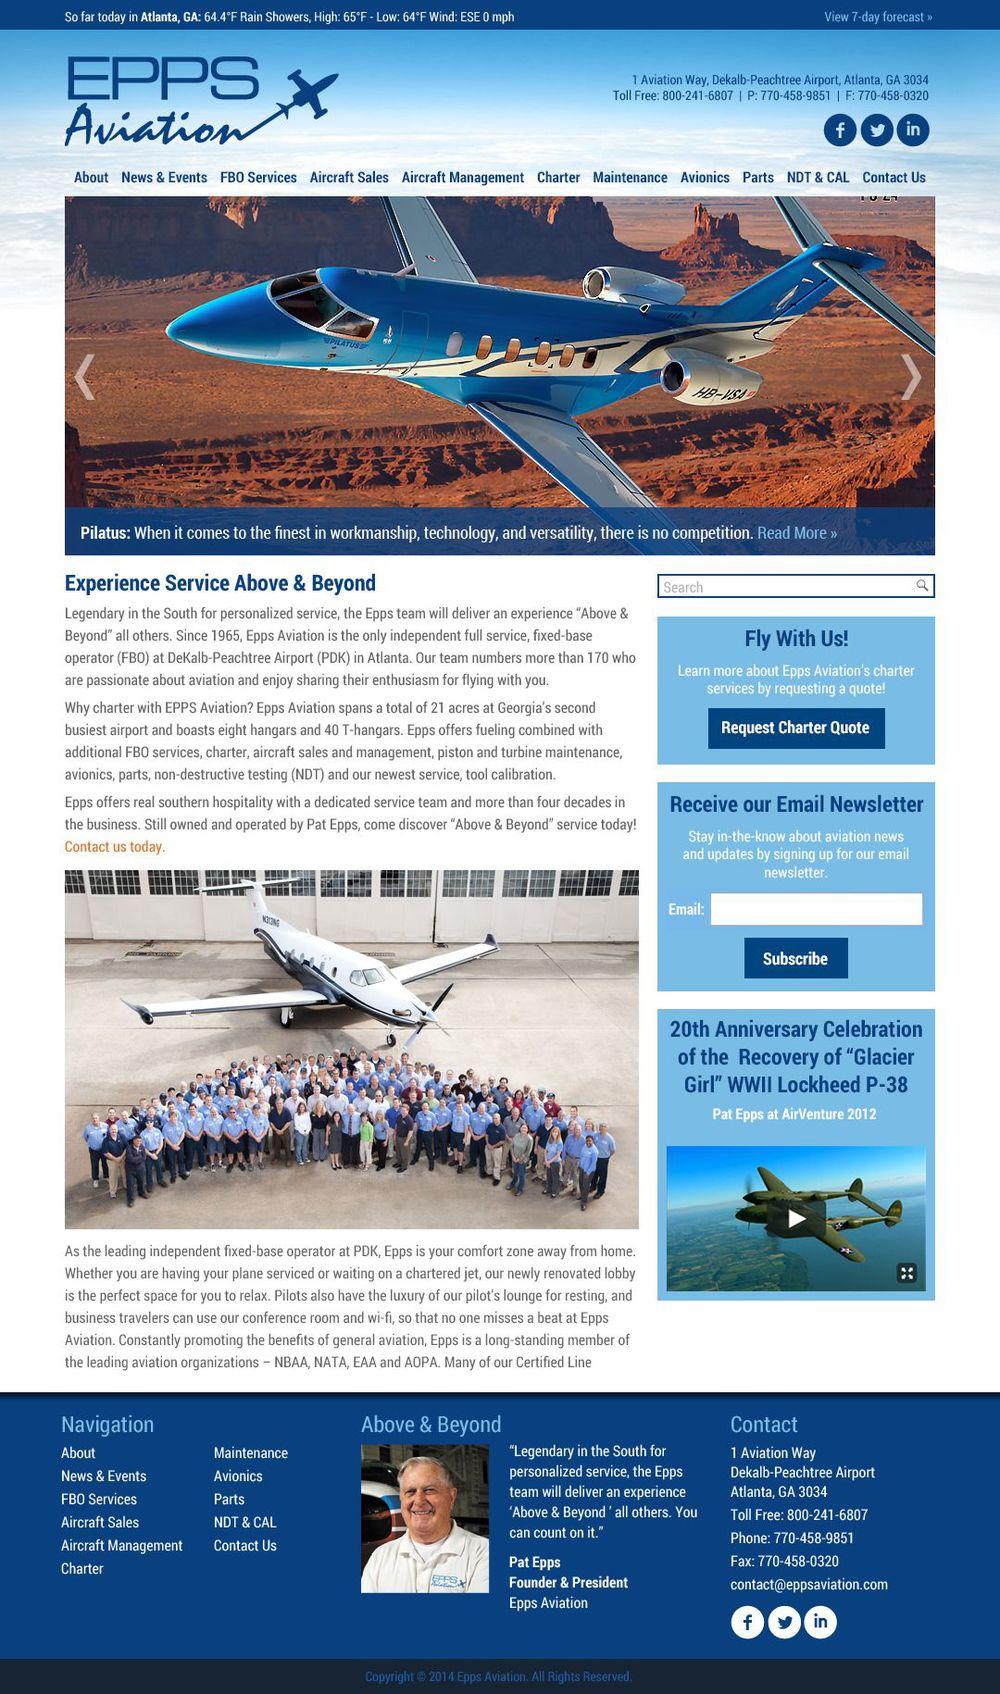 EppsAv_Homepage_01.jpg